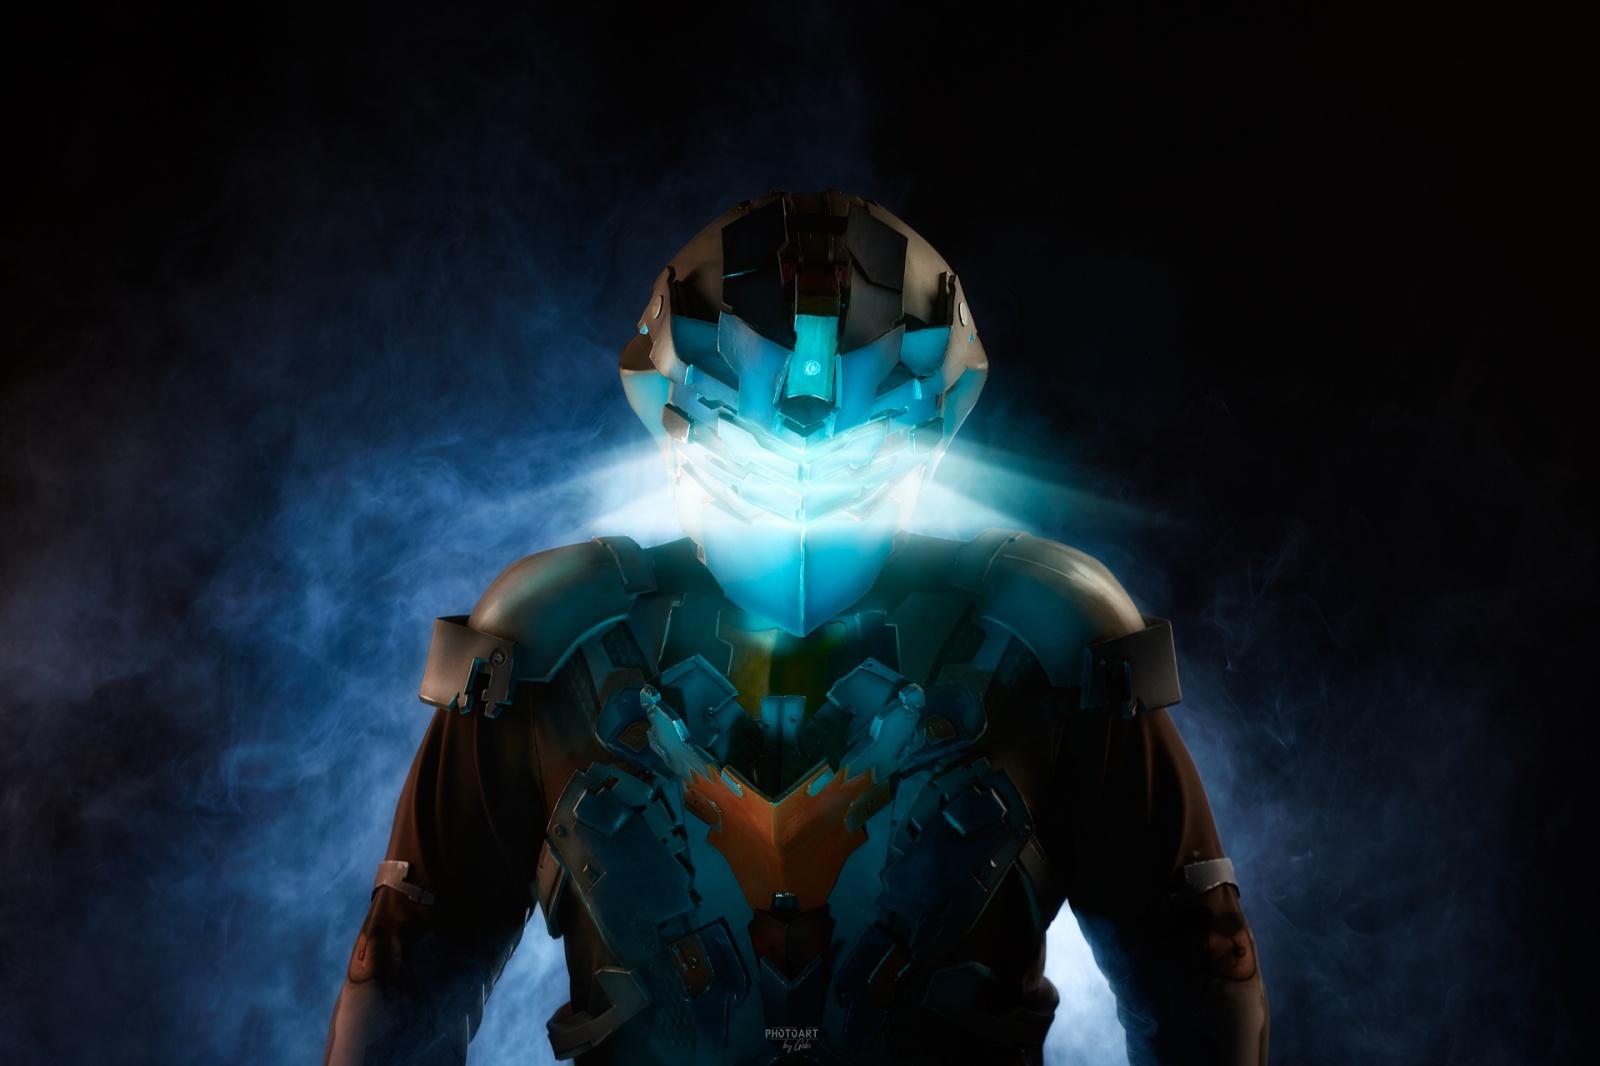 Как делается косплей. Cоздание костюма Advanced Suit Aйзека Кларка из игры Dead Space 2 - 1